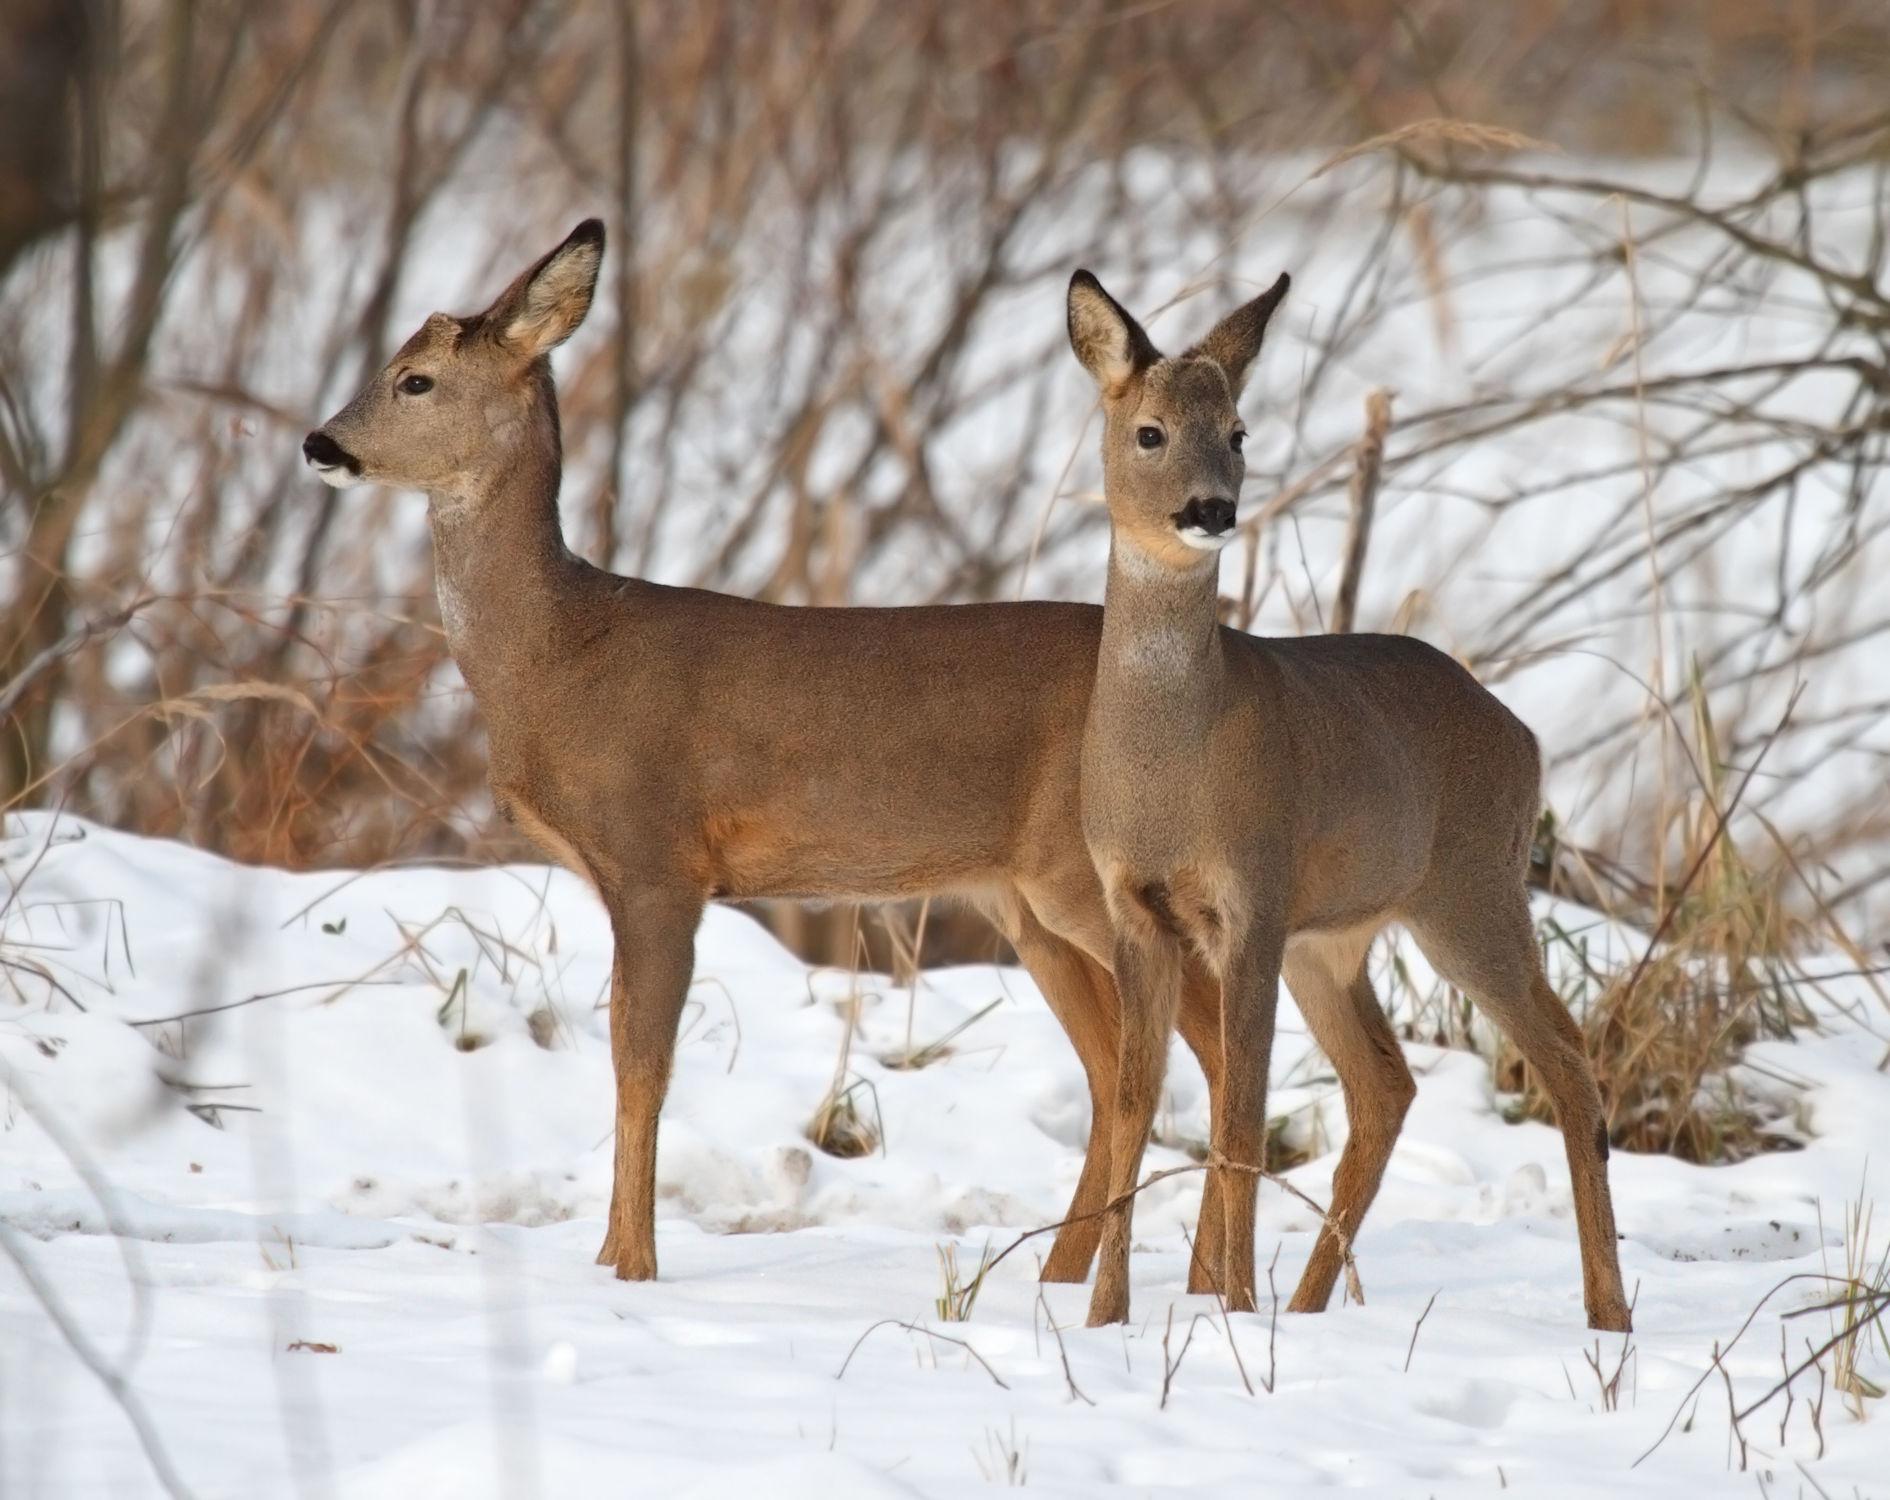 Bild mit Tiere, Winter, Tier, Wildtiere, Wild, Rehe, Reh